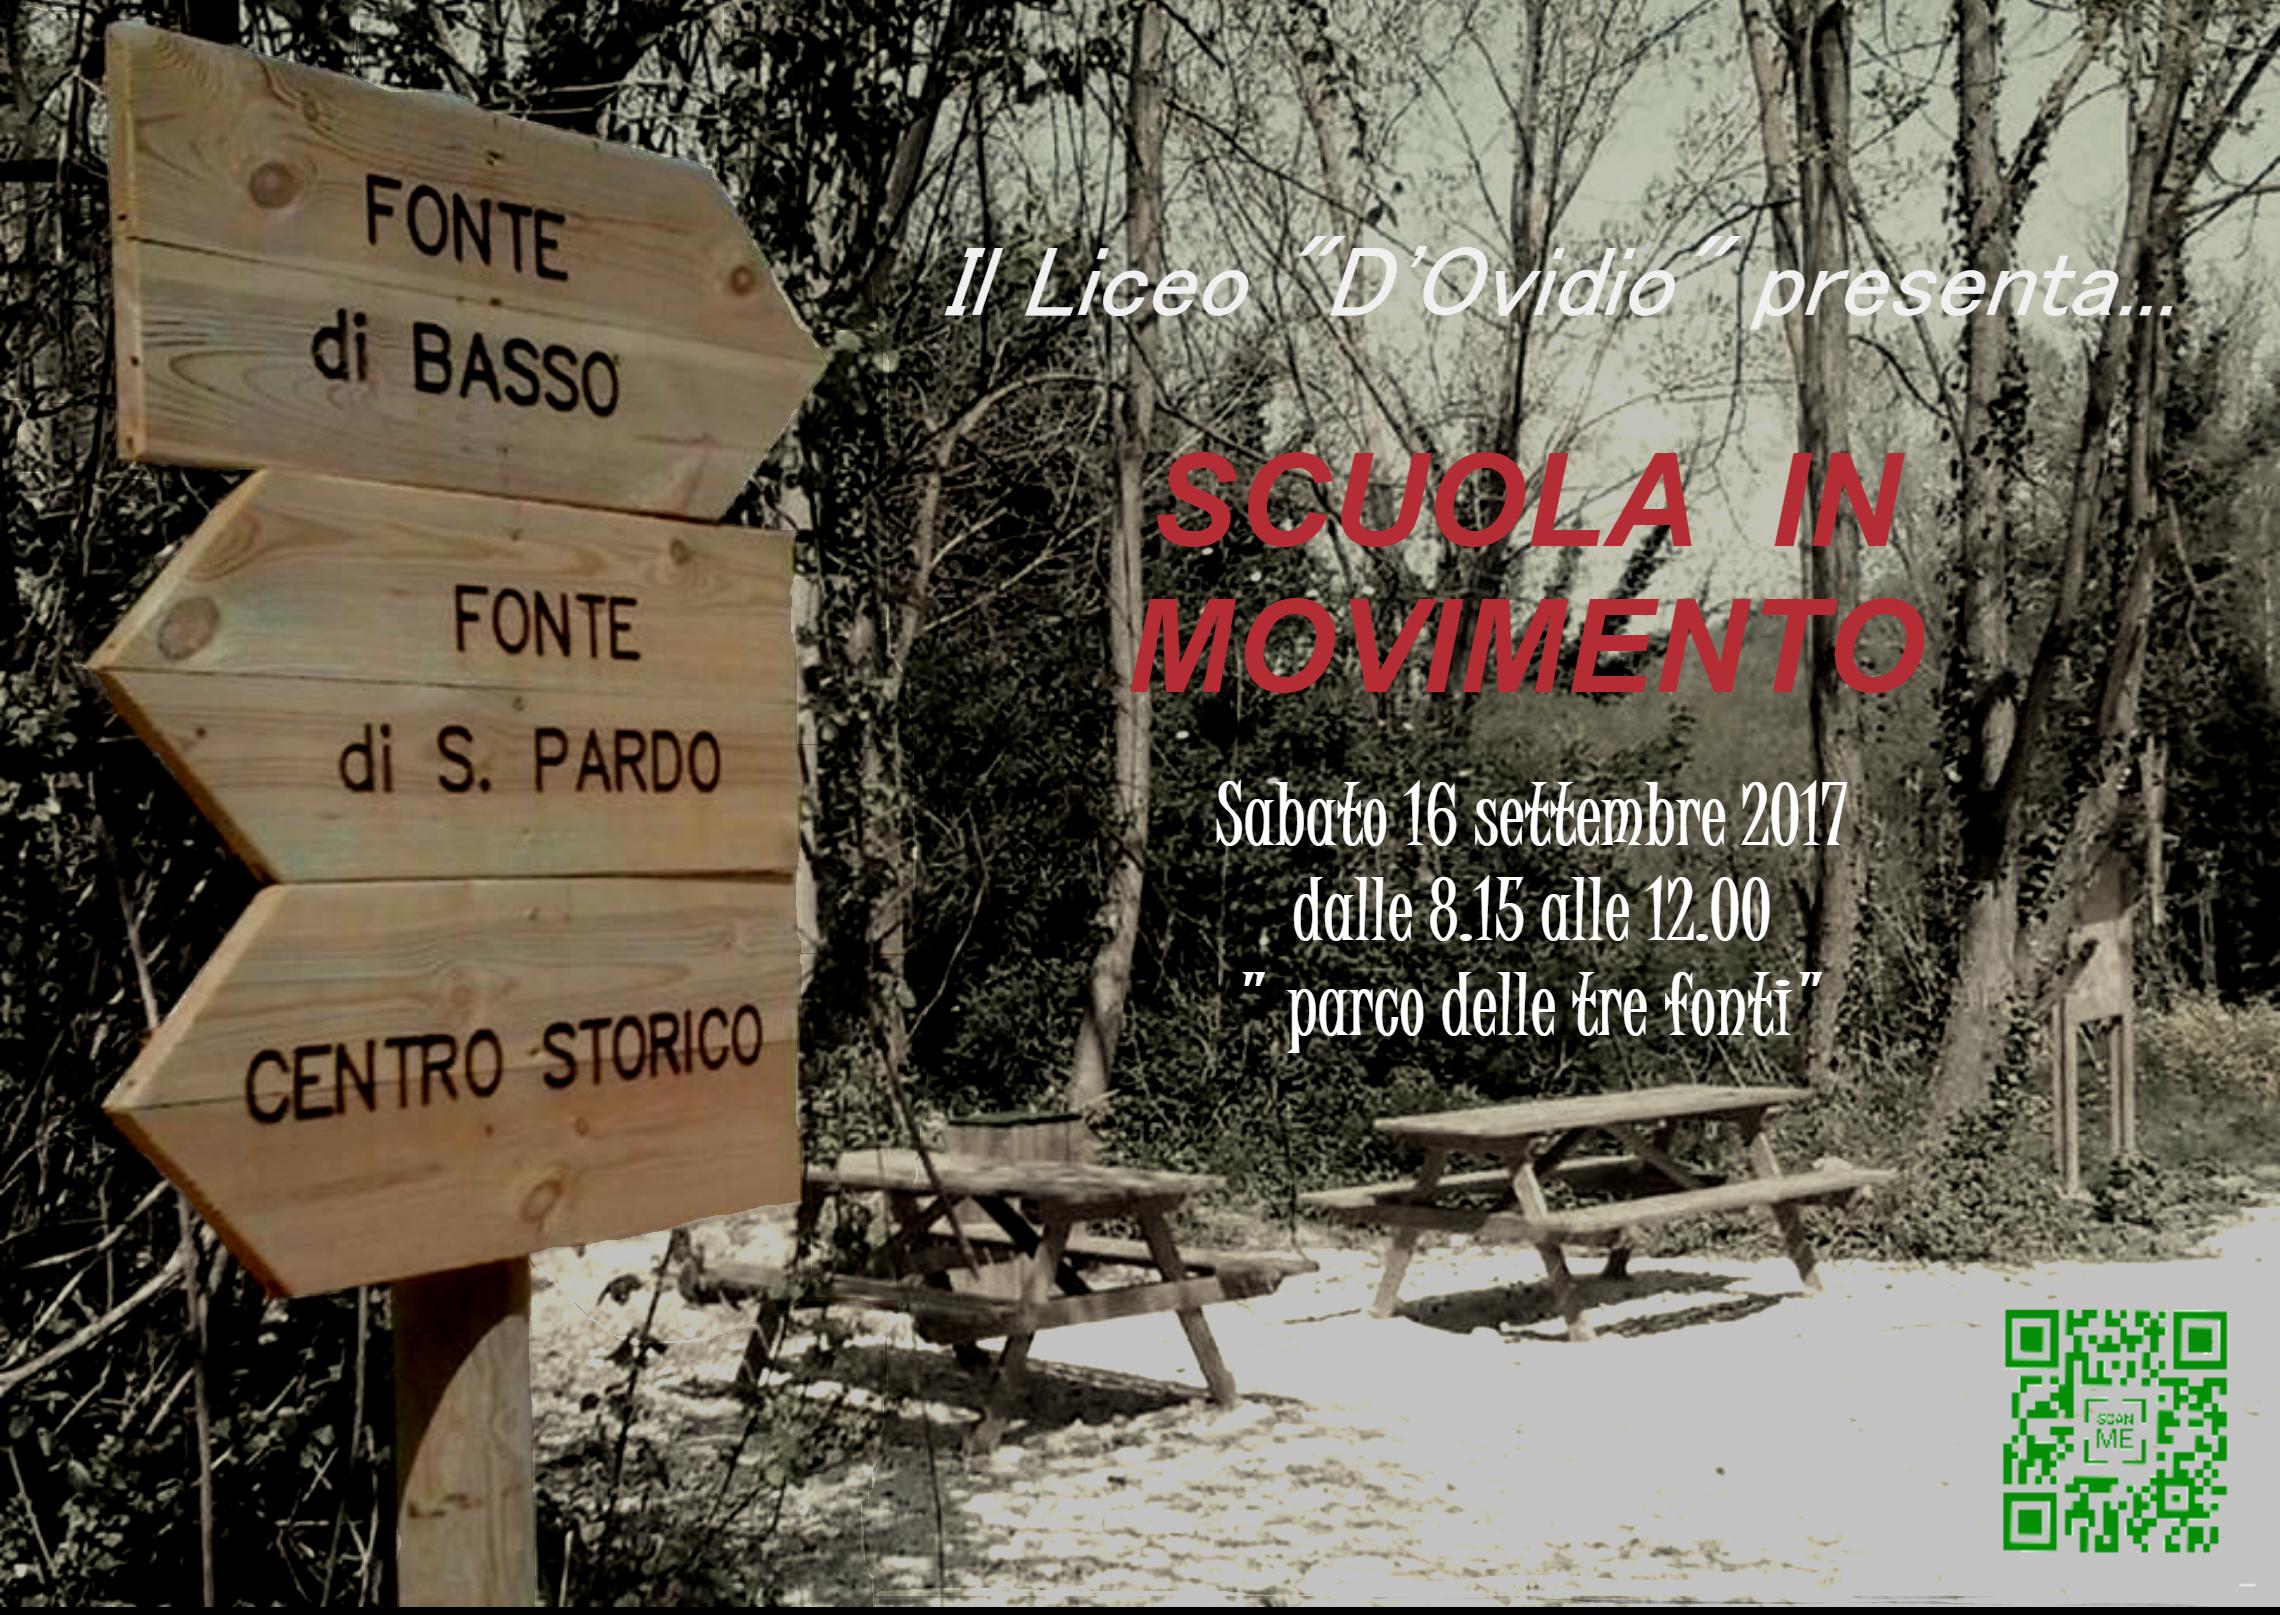 """Studenti e insegnanti a contatto diretto con la natura: al Liceo D'Ovidio di Larino la manifestazione """"Scuola in Movimento"""""""